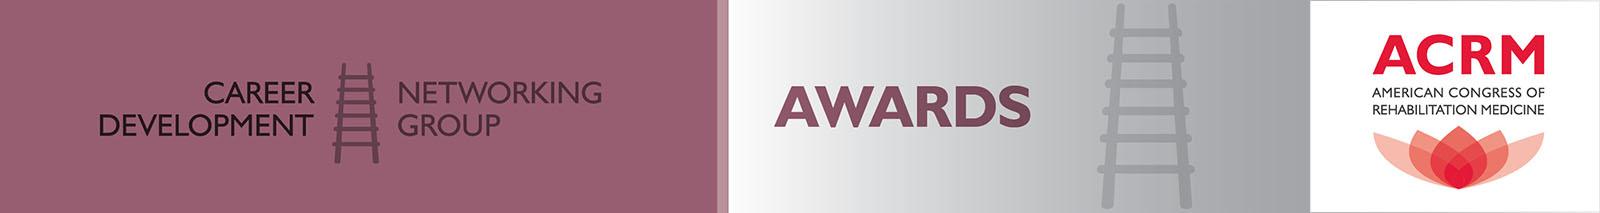 Career Development NG AWARDS